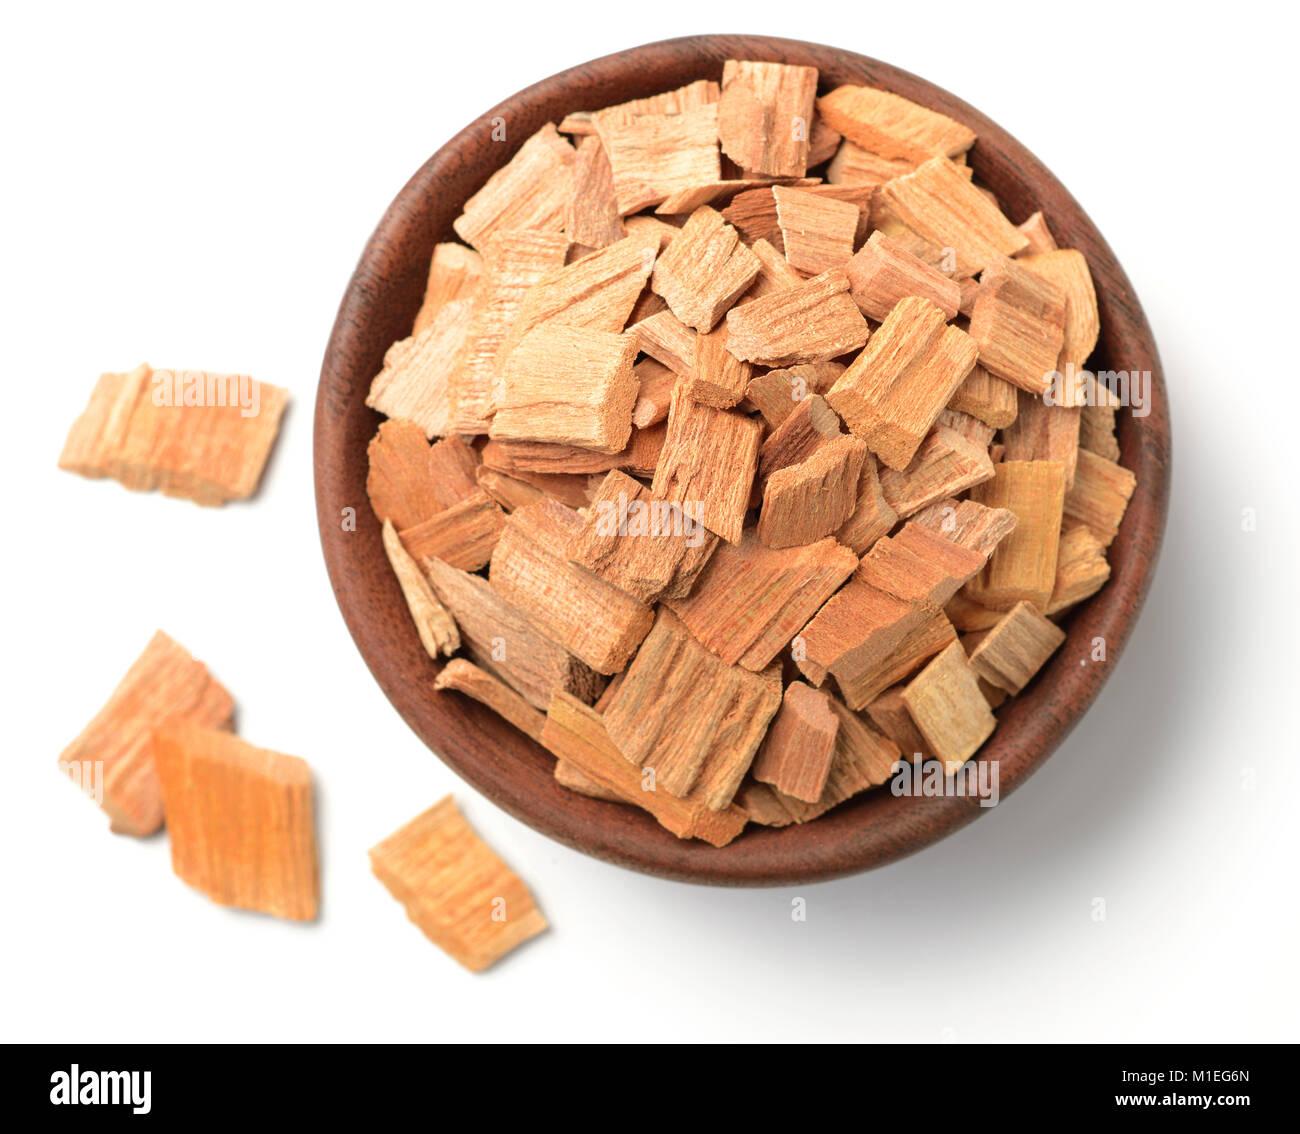 Pezzi di legno di sandalo in ciotola di legno 9e5504246f0